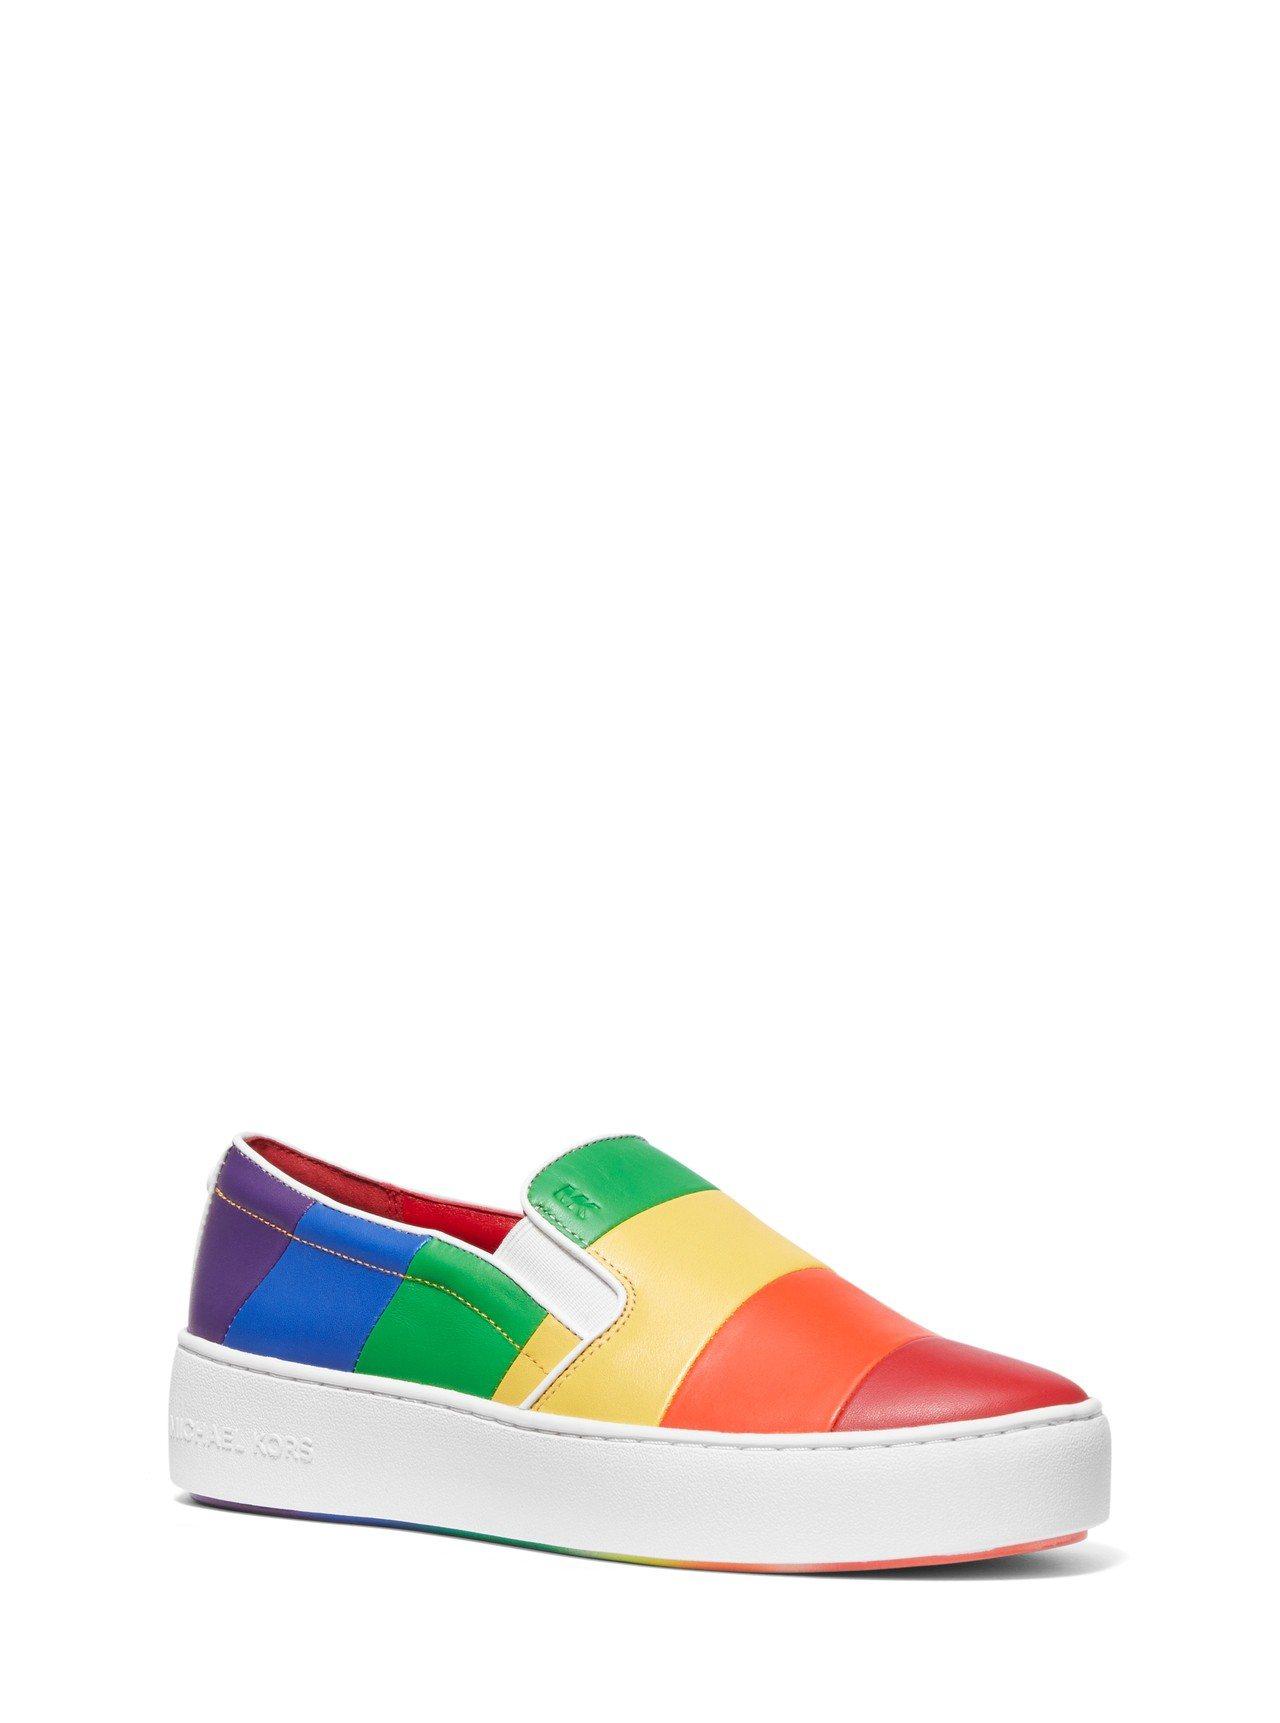 彩虹系列休閒鞋,售價6,300元。圖/MICHAEL KORS提供